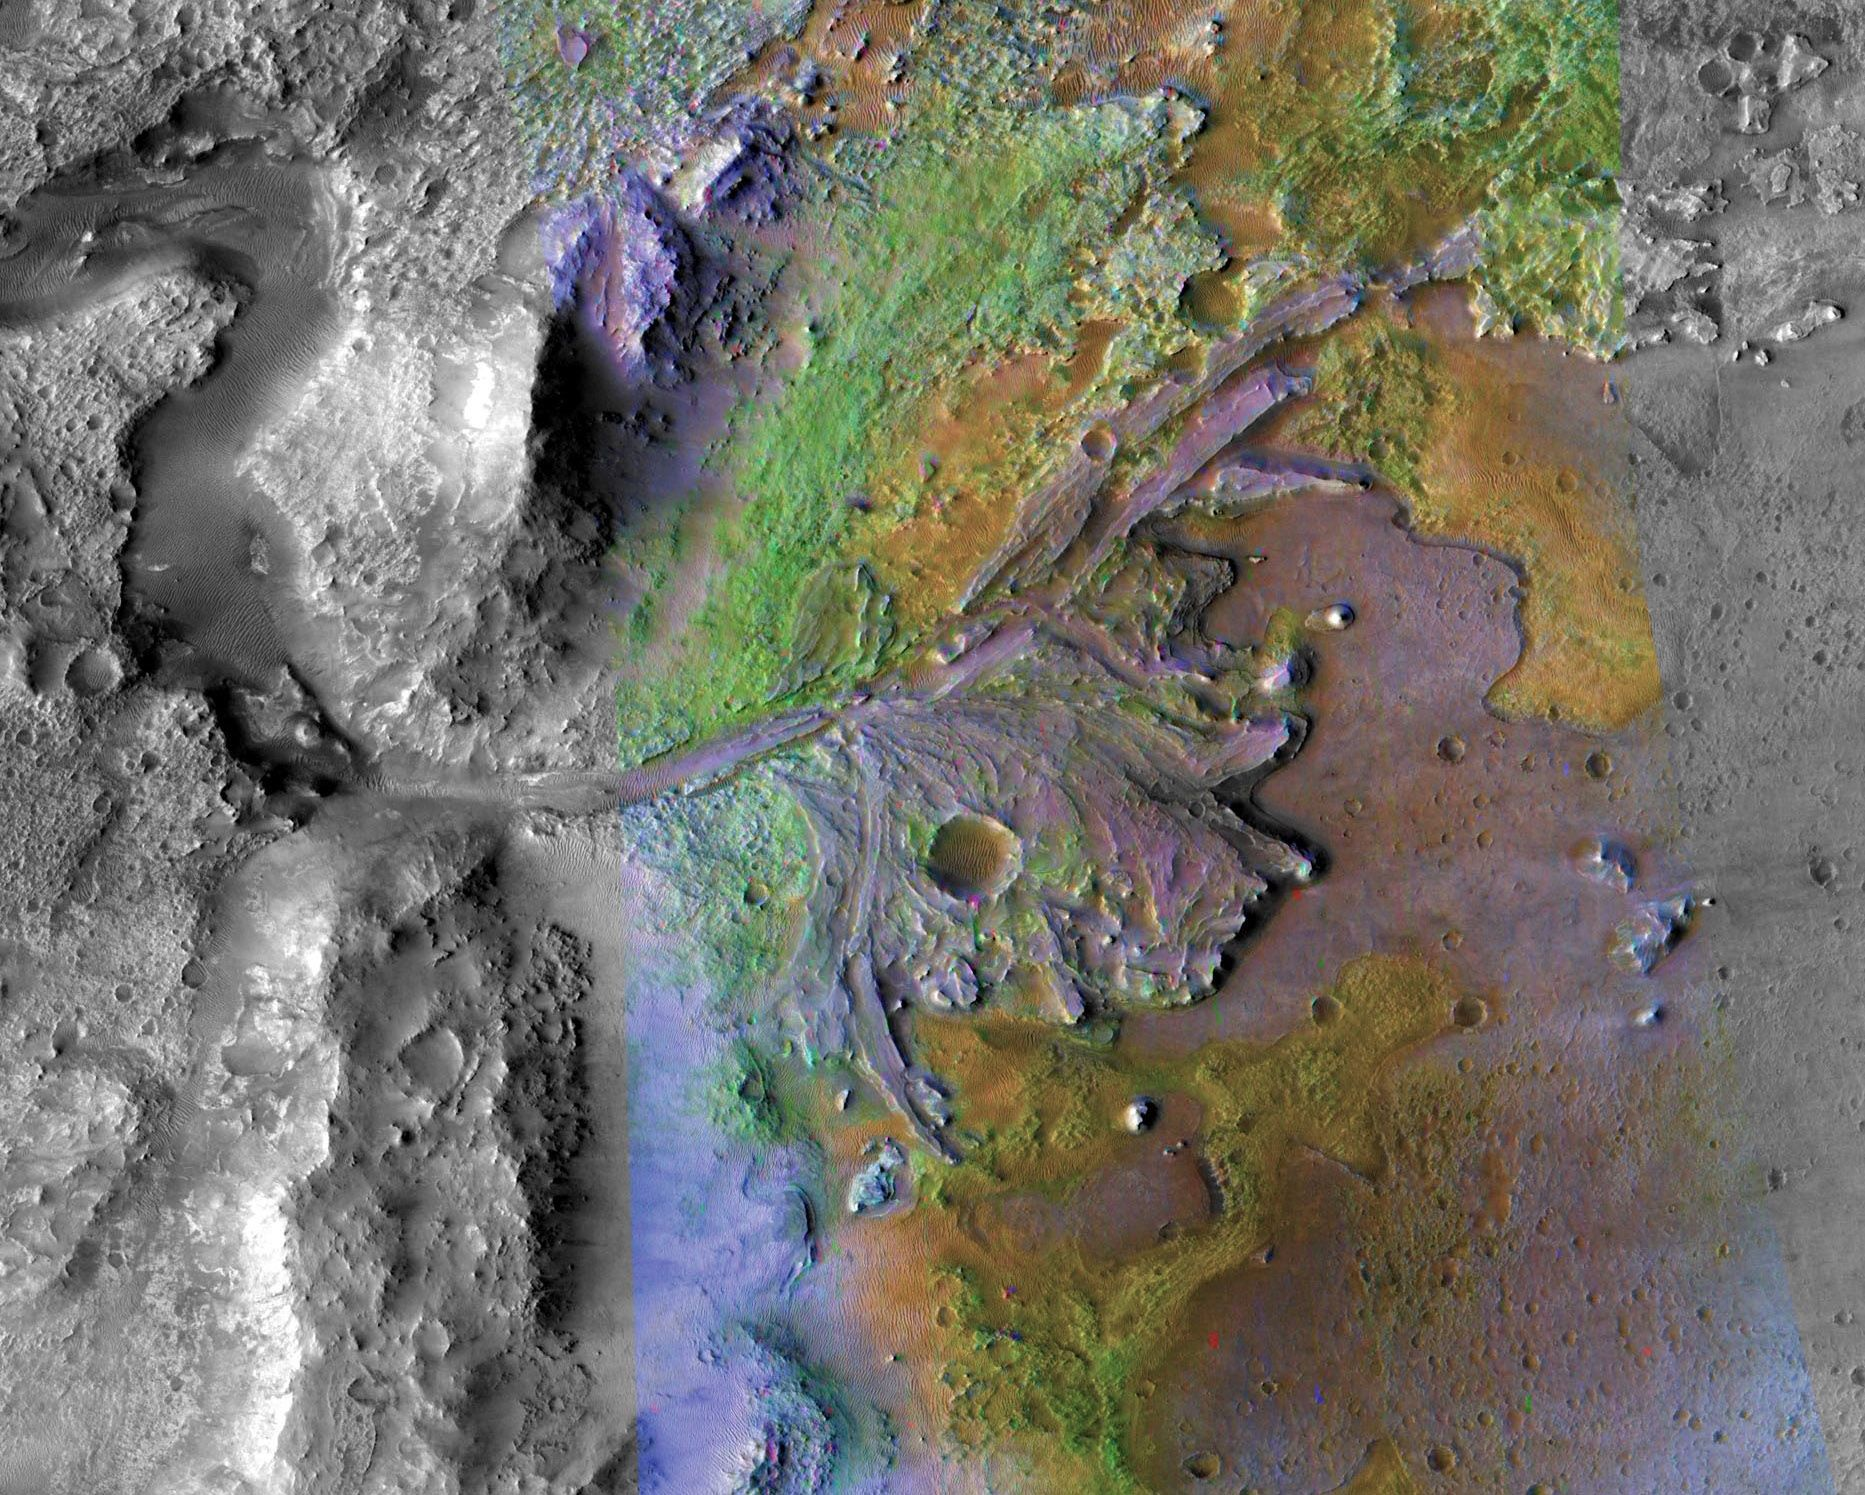 mars rover landing photos - photo #35